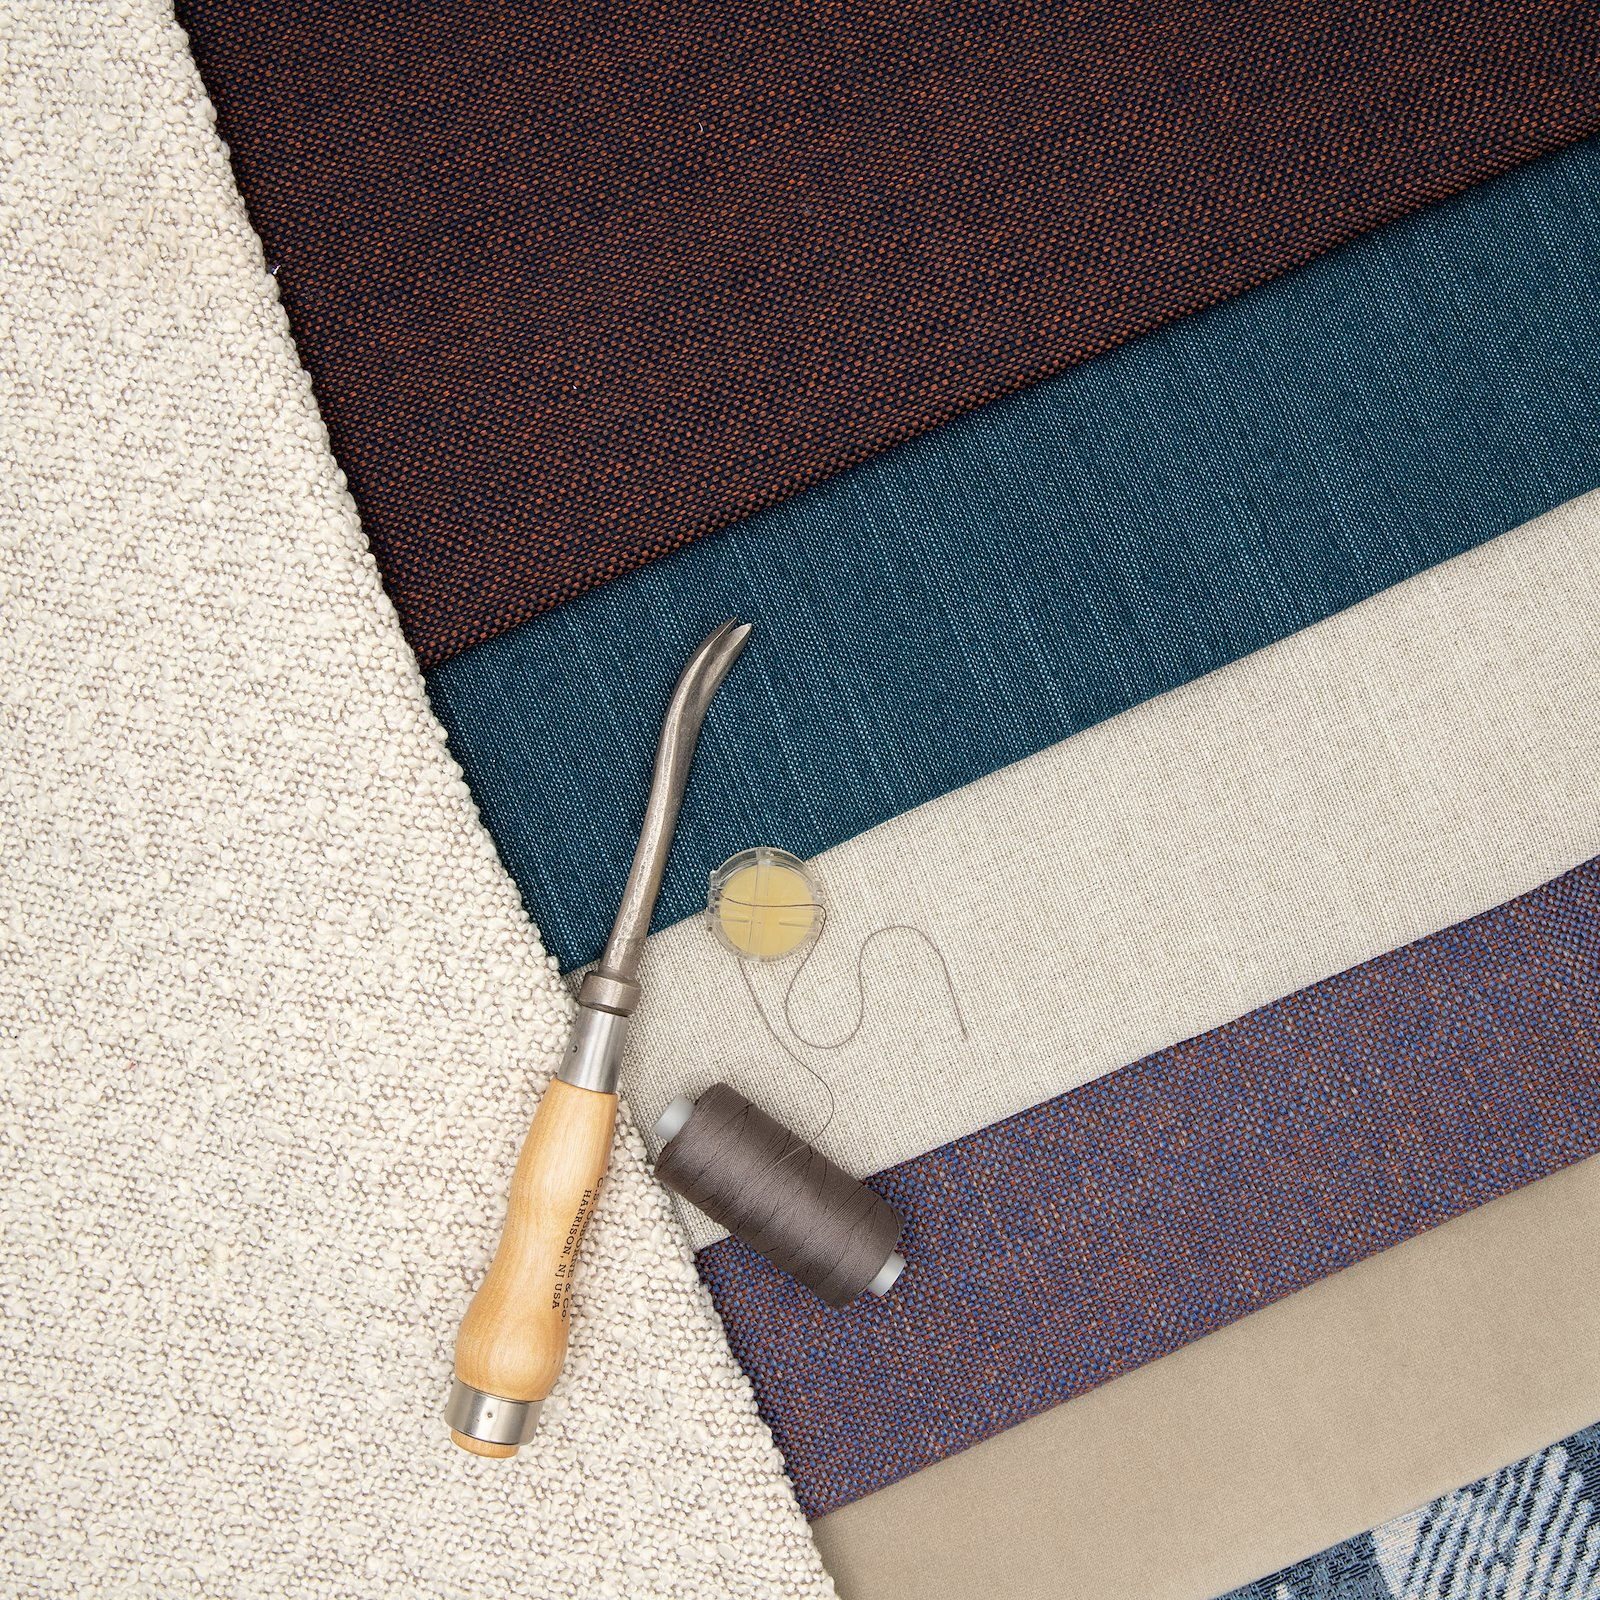 Upholstery velvet light khaki 824161_824157_824153_824152_824156_824158_bundle